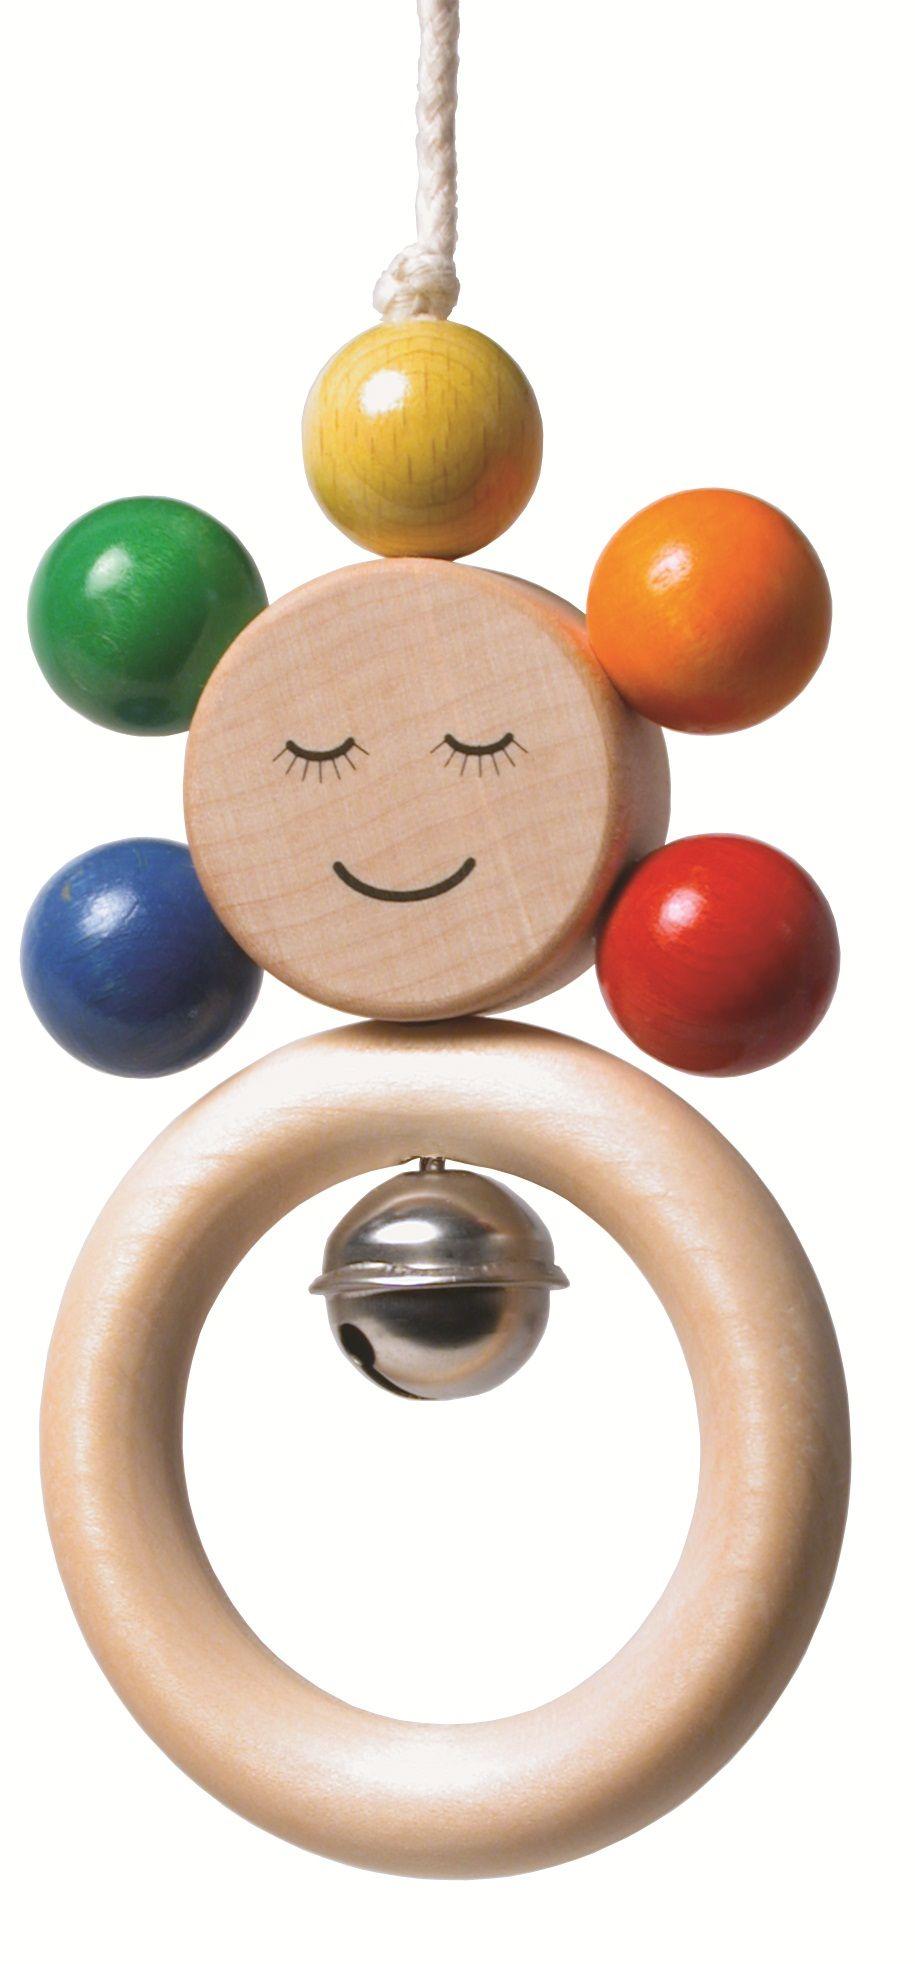 Holz Spielzeug für Kinder & Greiflinge für Babys Naturbabyshop